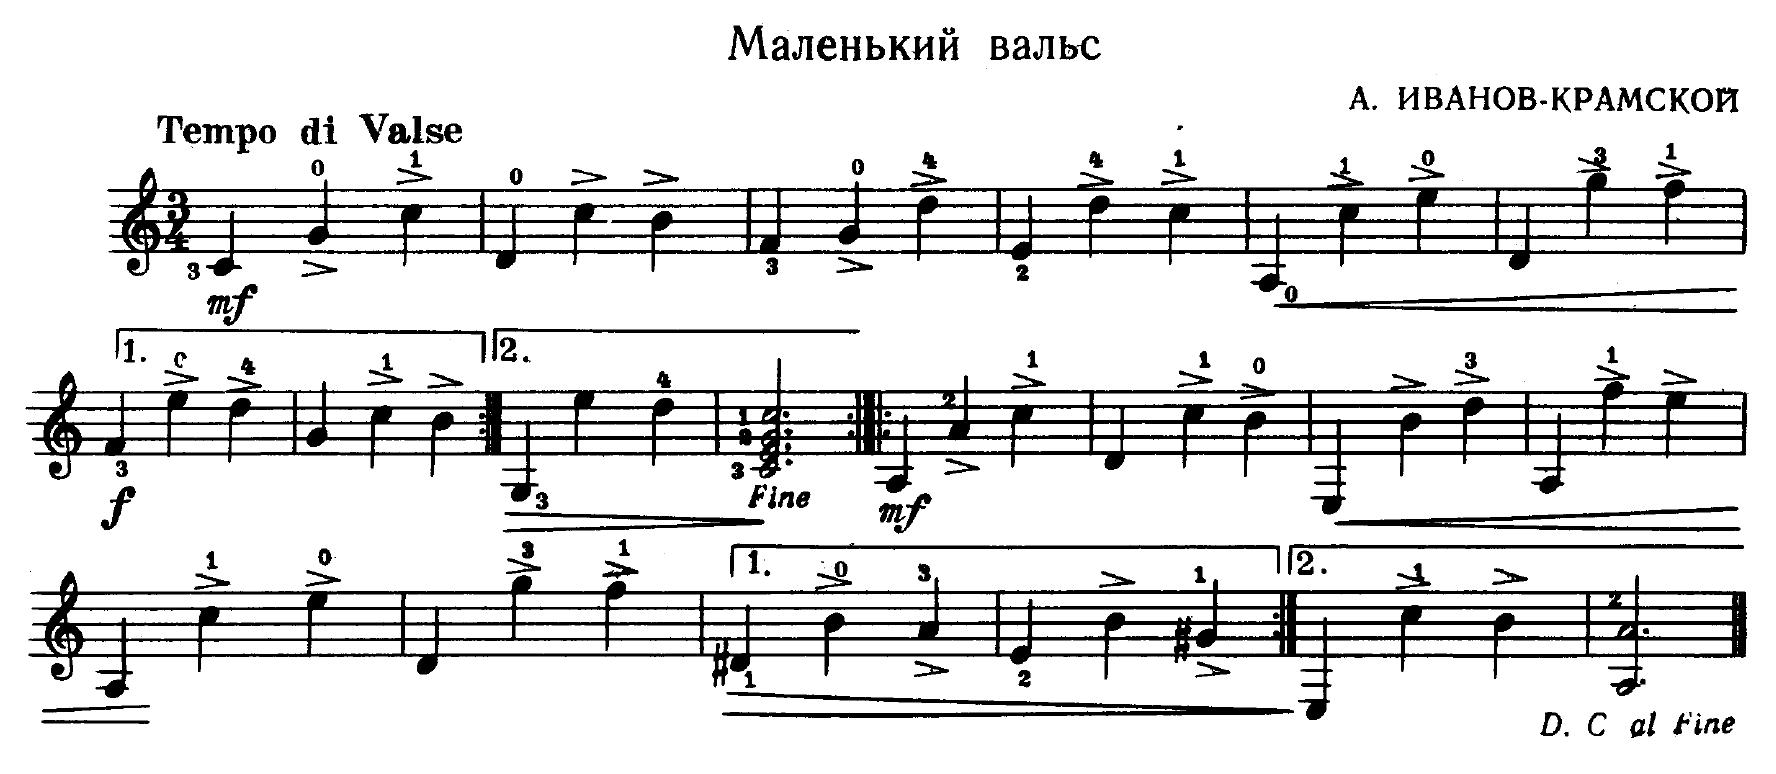 Маленький вальс. Иванов-Крамской. С пояснениями